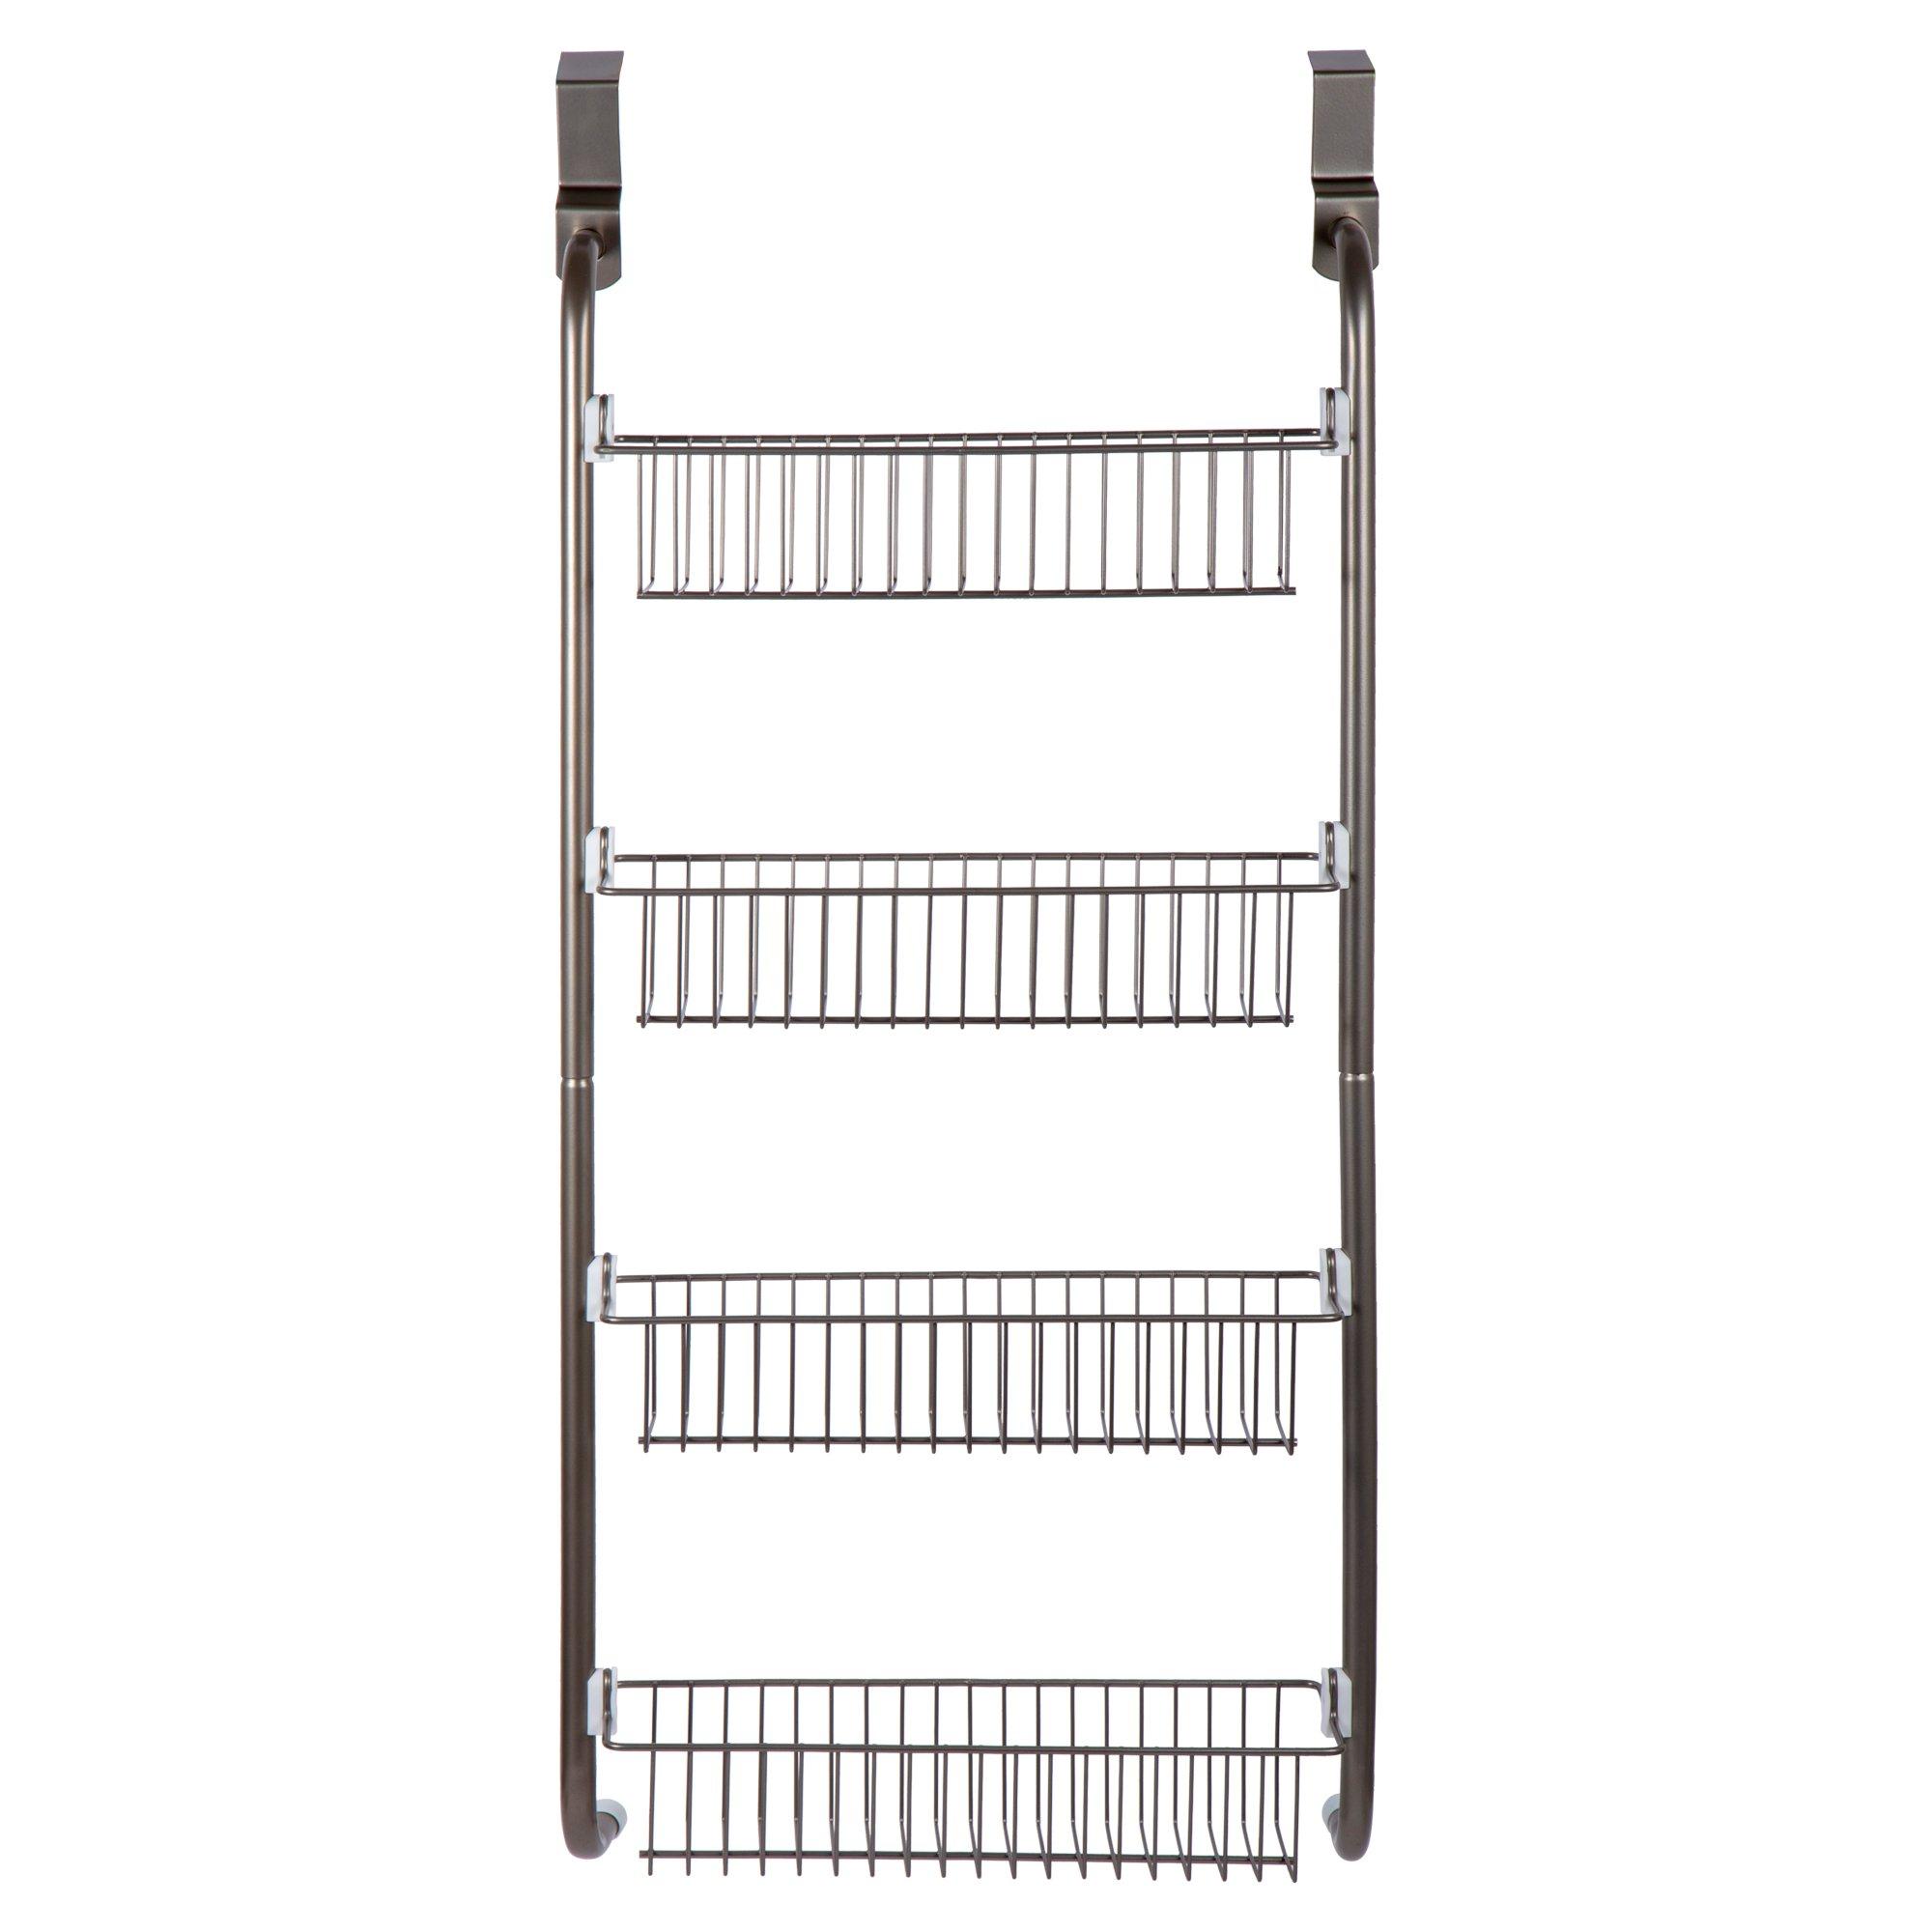 CTG Bodico, 4-Tier Over-The-Door Shower Basket Set 4, 16 x 36, Satin Nickel,